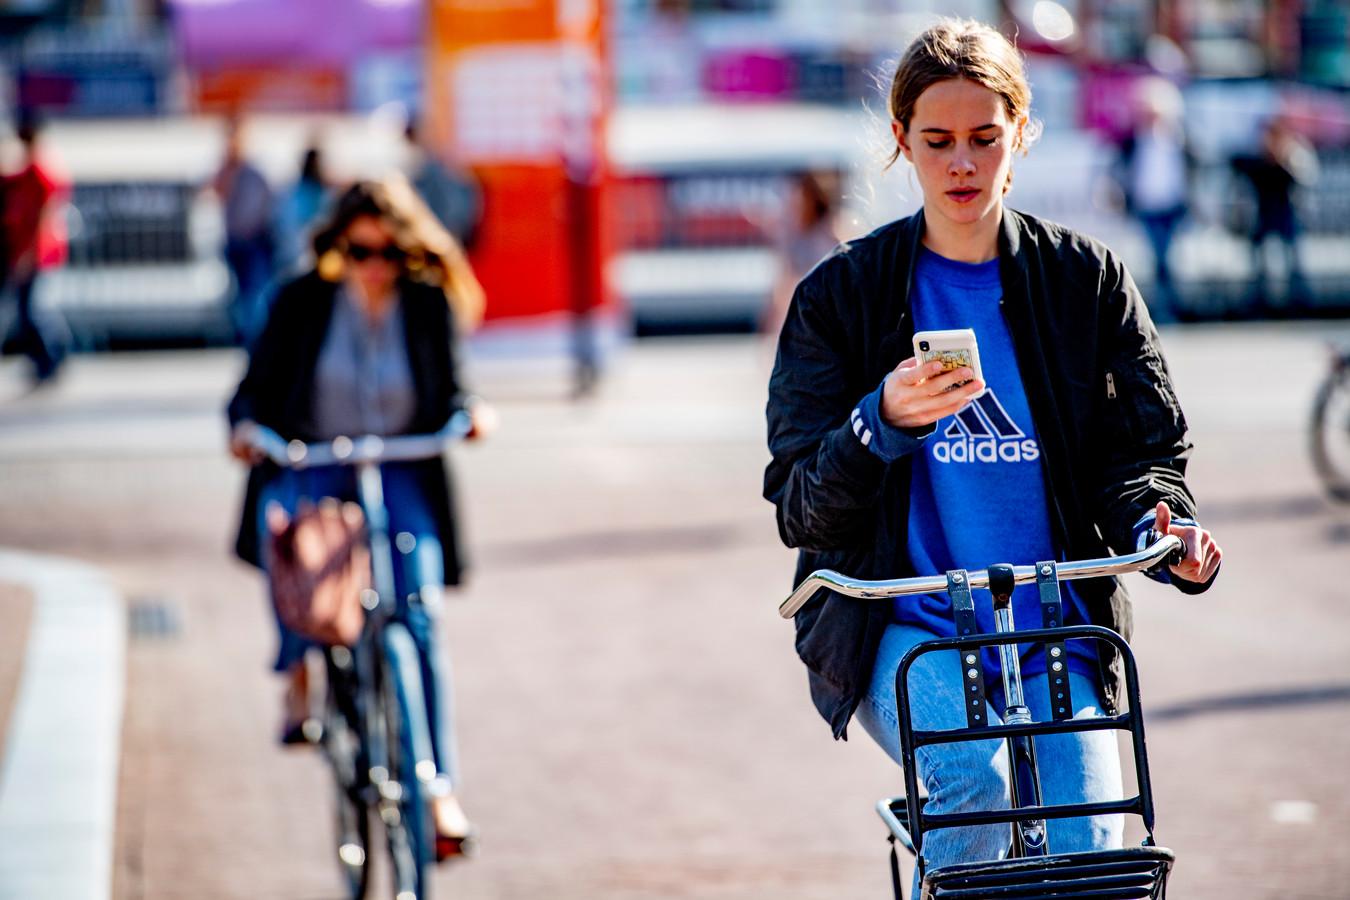 Een vrouw appt op de fiets in Amsterdam.